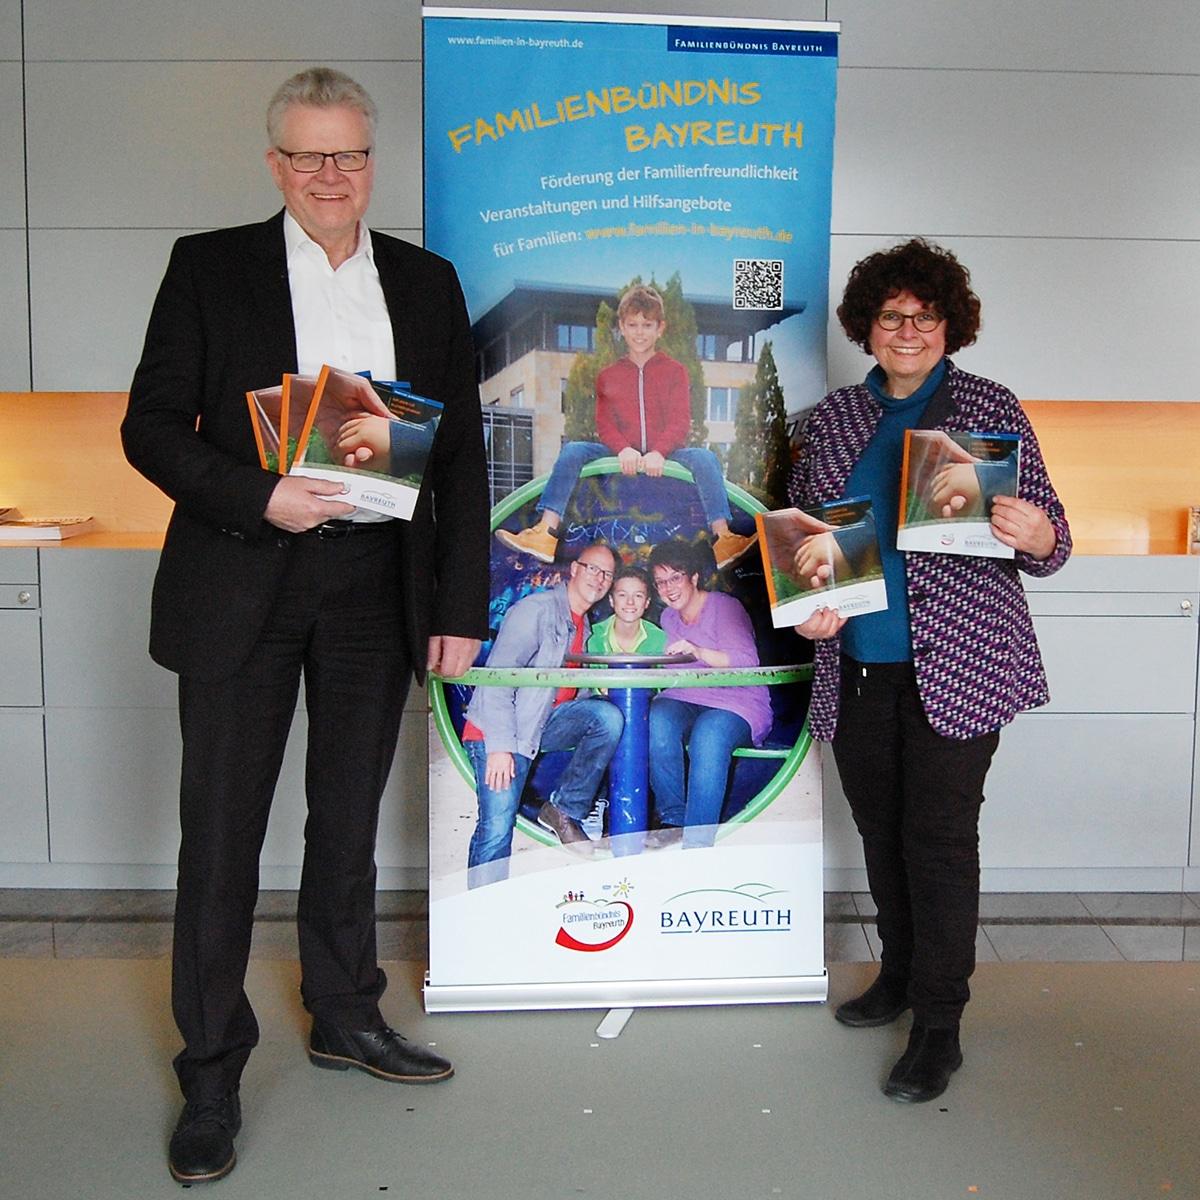 """Oberbürgermeister Thomas Ebersberger und Ingrid Heinritzi-Martin, Vorsitzende des Arbeitskreises """"Alleinerziehende Familien"""" des Familienbündnisses Bayreuth, präsentieren den neu aufgelegten Ratgeber."""